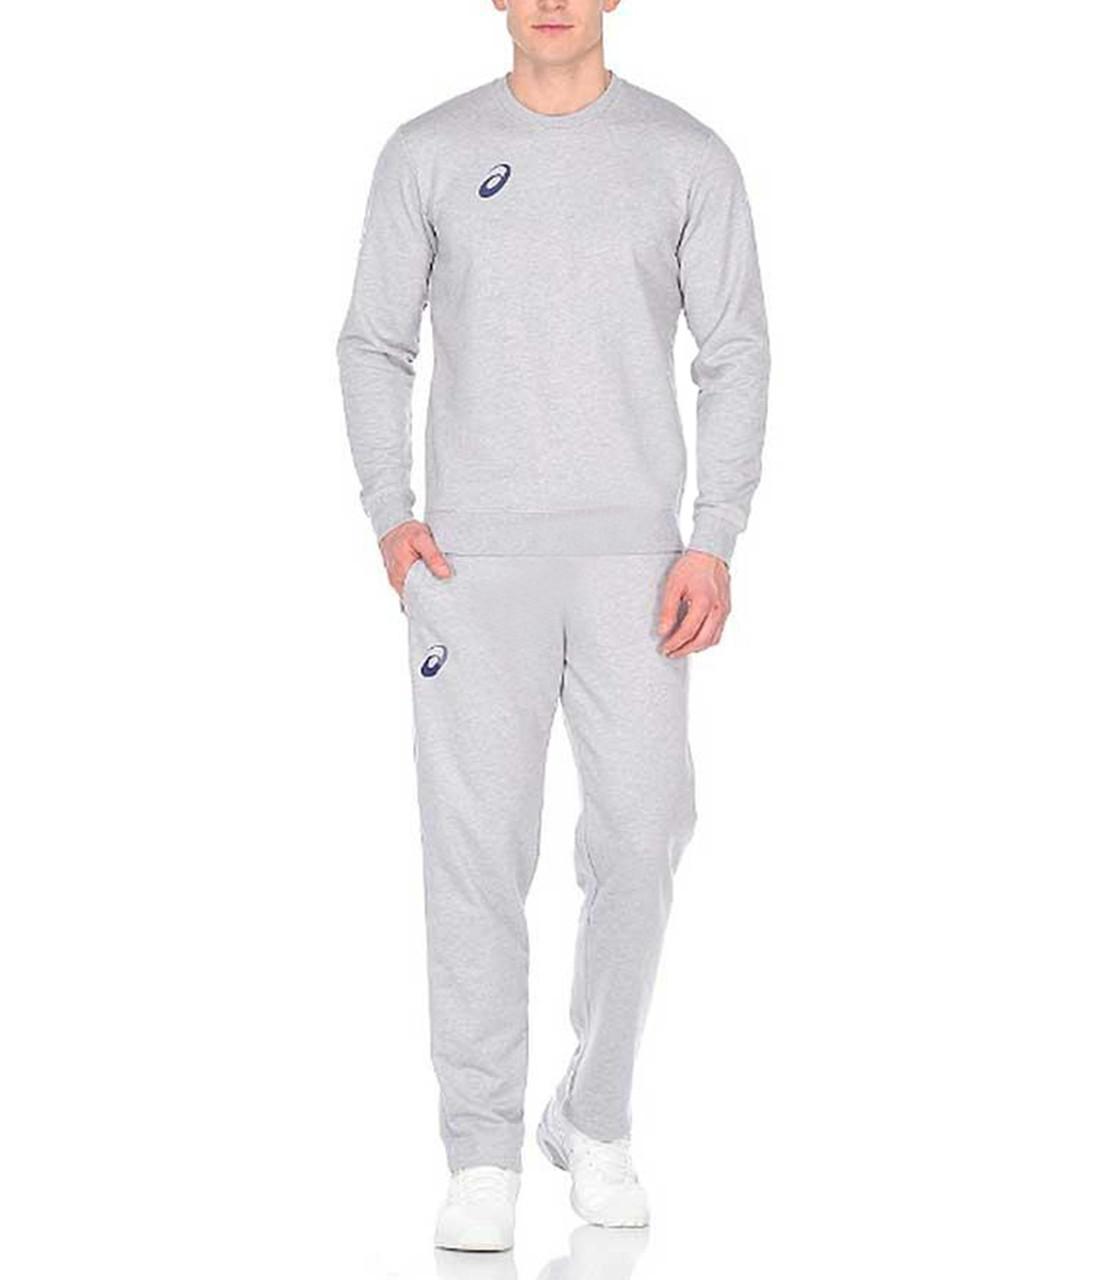 Спортивный костюм Asics Knit Suit 156855 0714